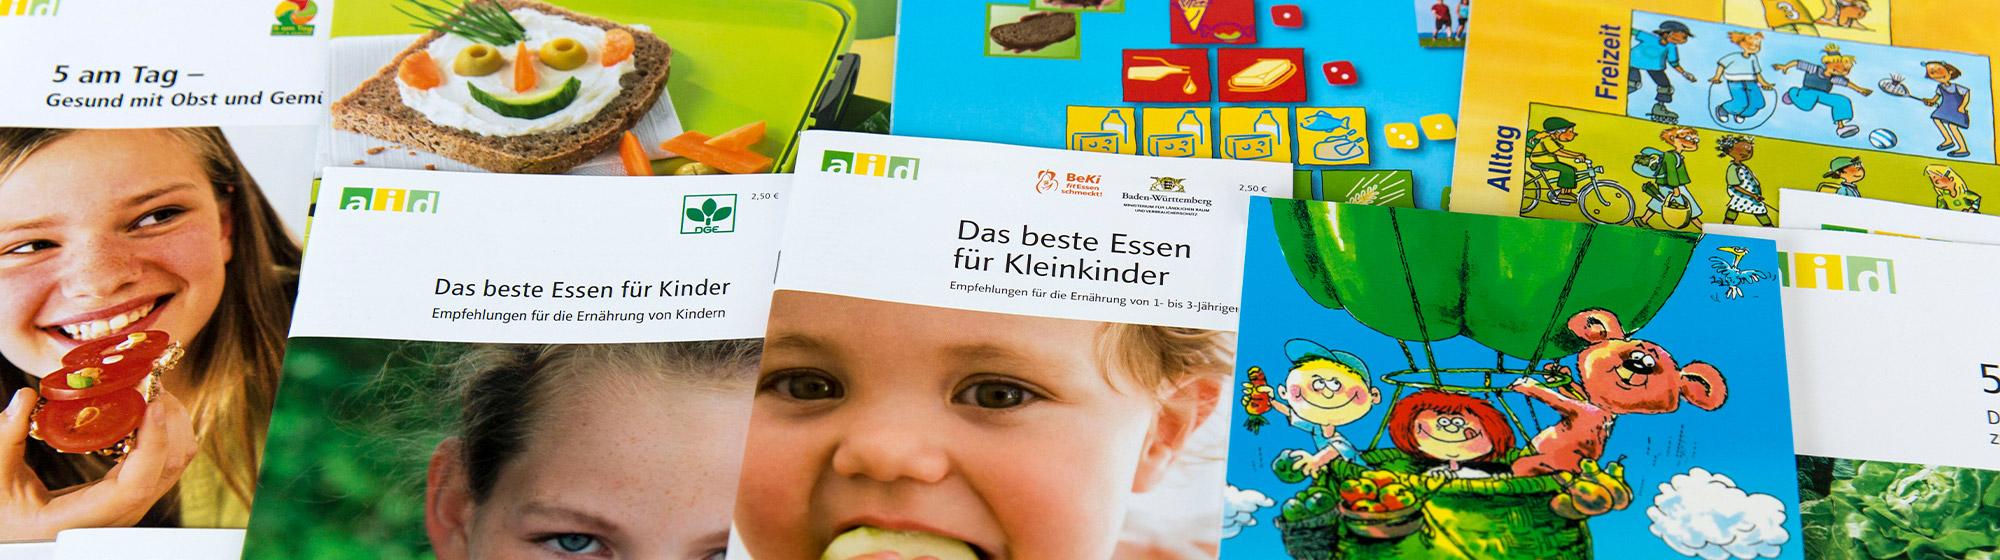 """Fotografie von Infomaterial und Broschüren zum Thema """"Gesunde Ernährung"""" für Kinder"""